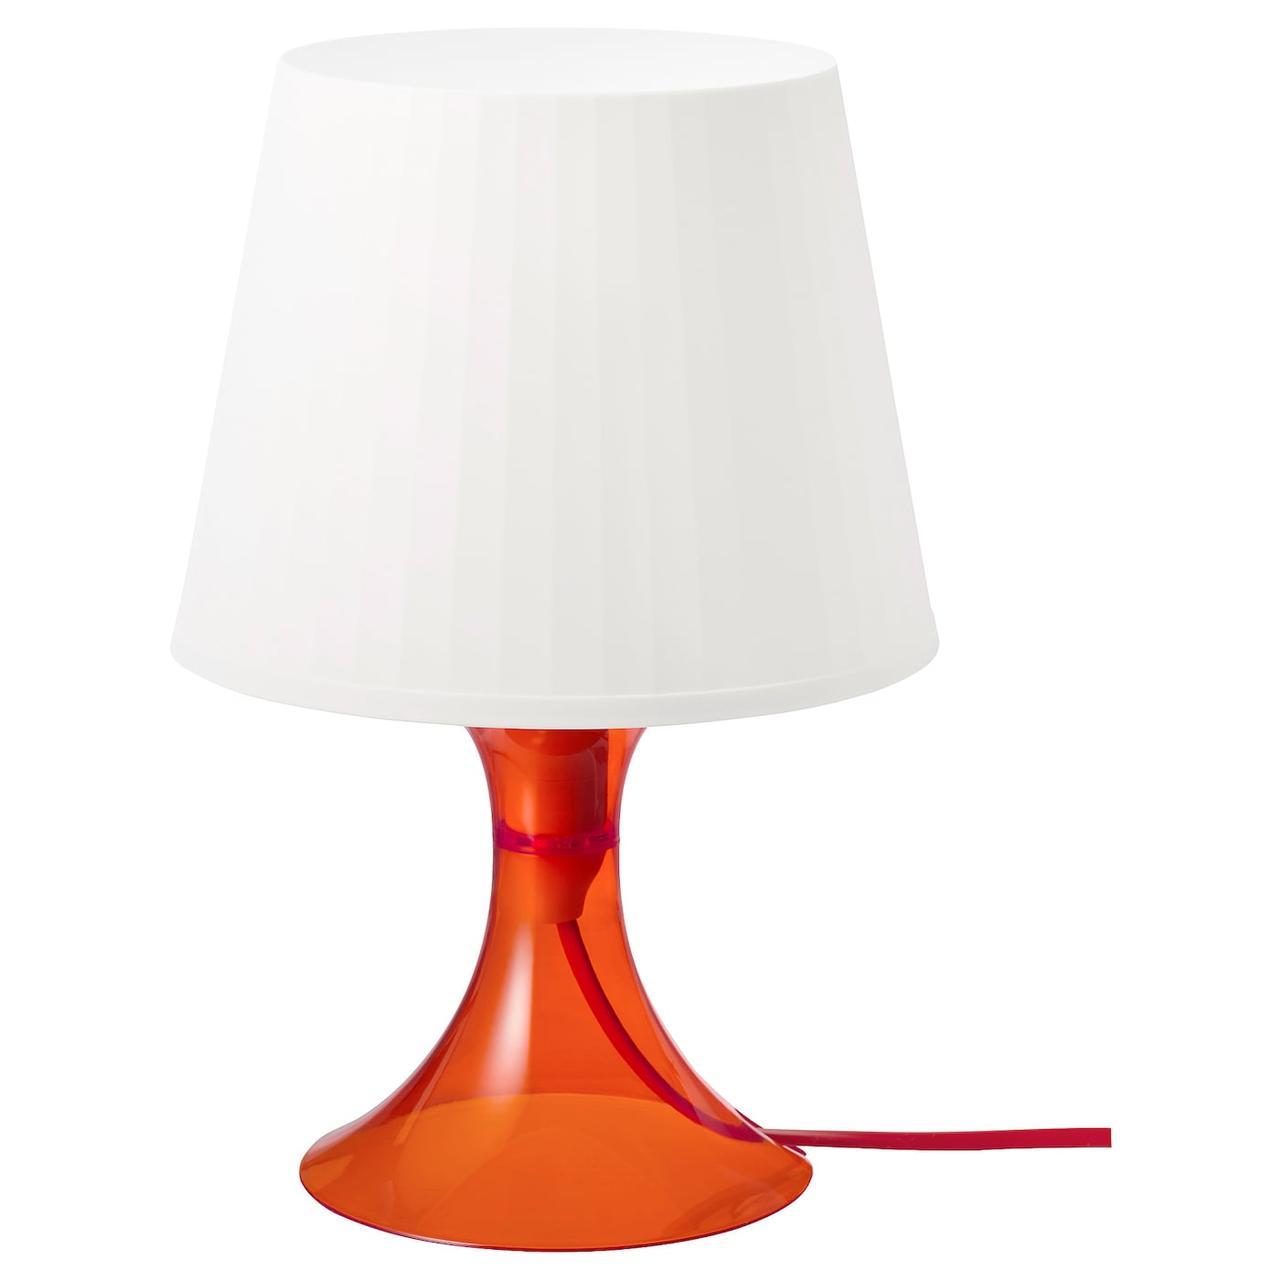 IKEA LAMPAN Настільна лампа, оранжевий/білий 29 см